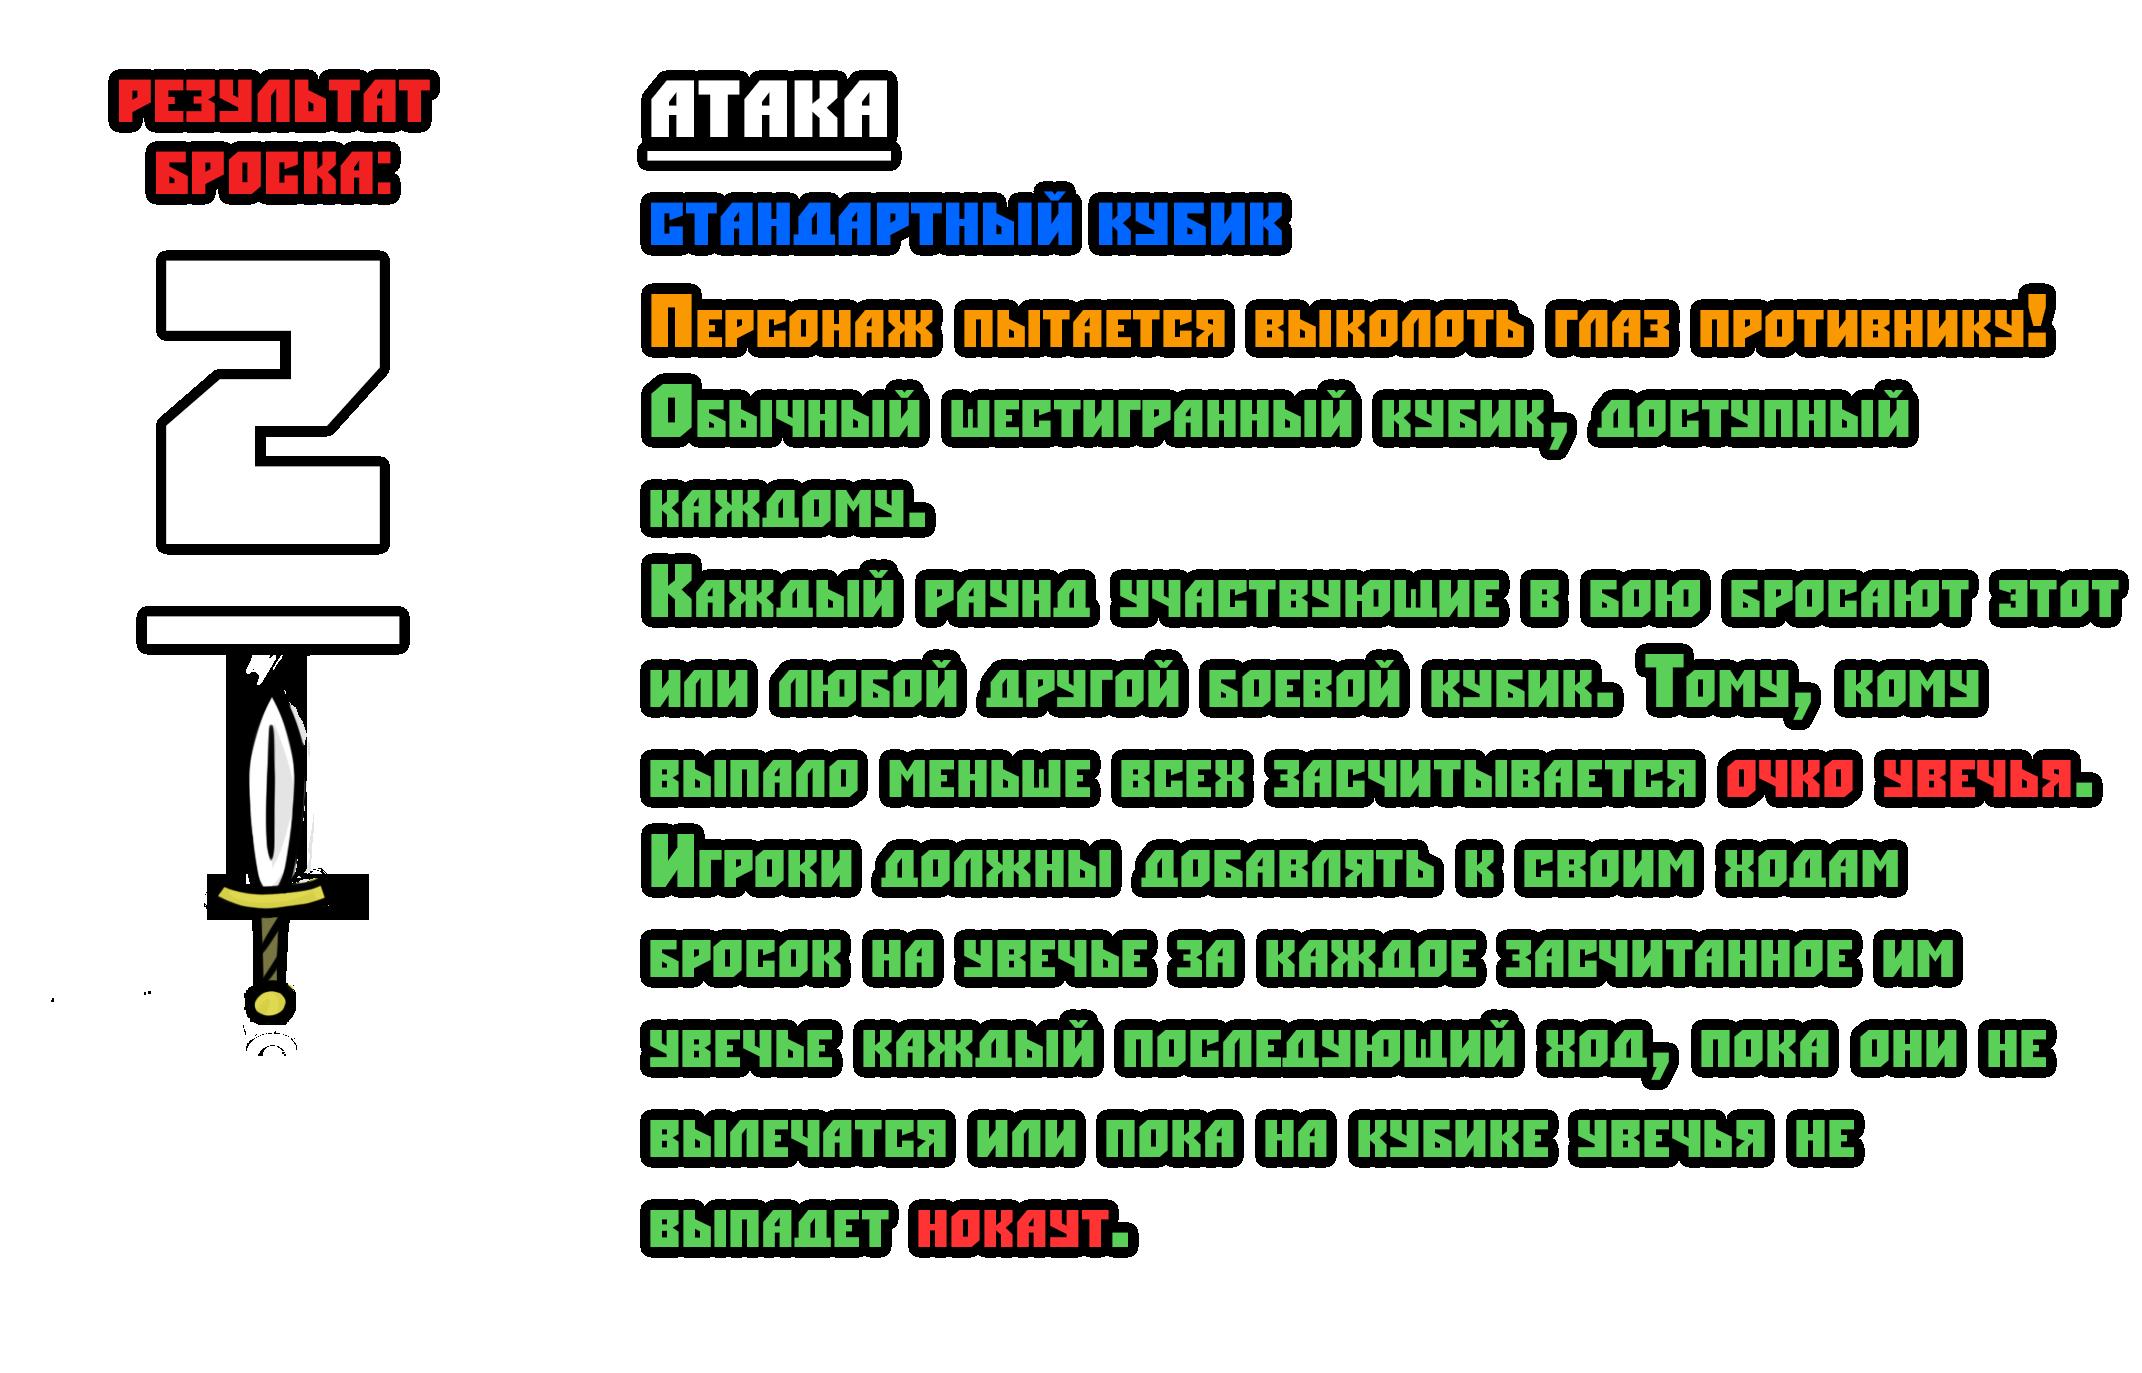 Тест боевой системы 2-2